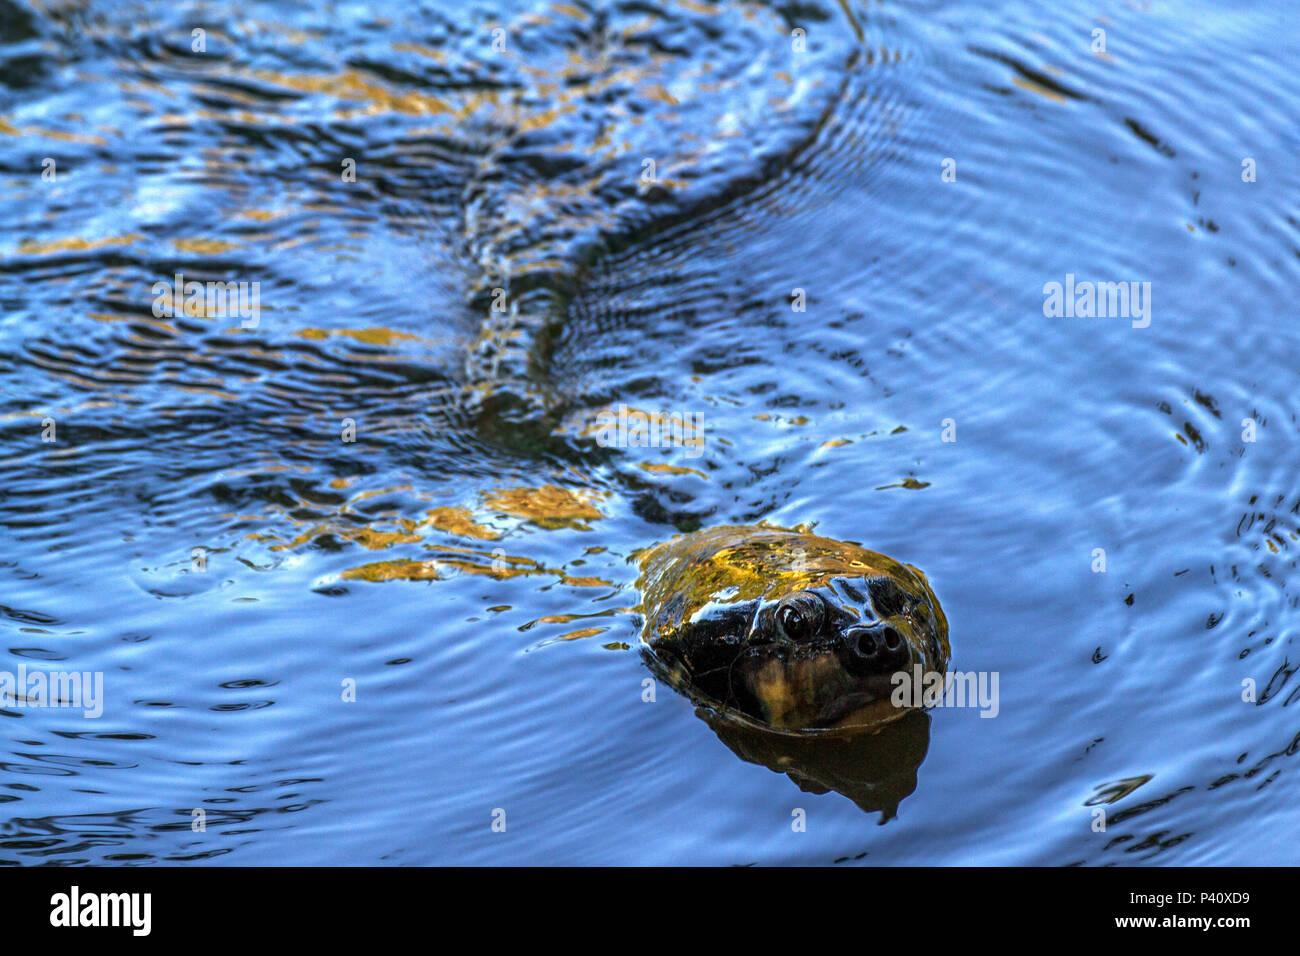 Manaus - AM Tartaruga-da-amazônia Podocnemis expansa quelônio de água doce cágado tartaruga verdadeira araú jurará-açu tartaruga-do-amazonas grande porte Animal onívoro Fauna natureza Amazonas Manaus Norte do Brasil Amazônia - Stock Image